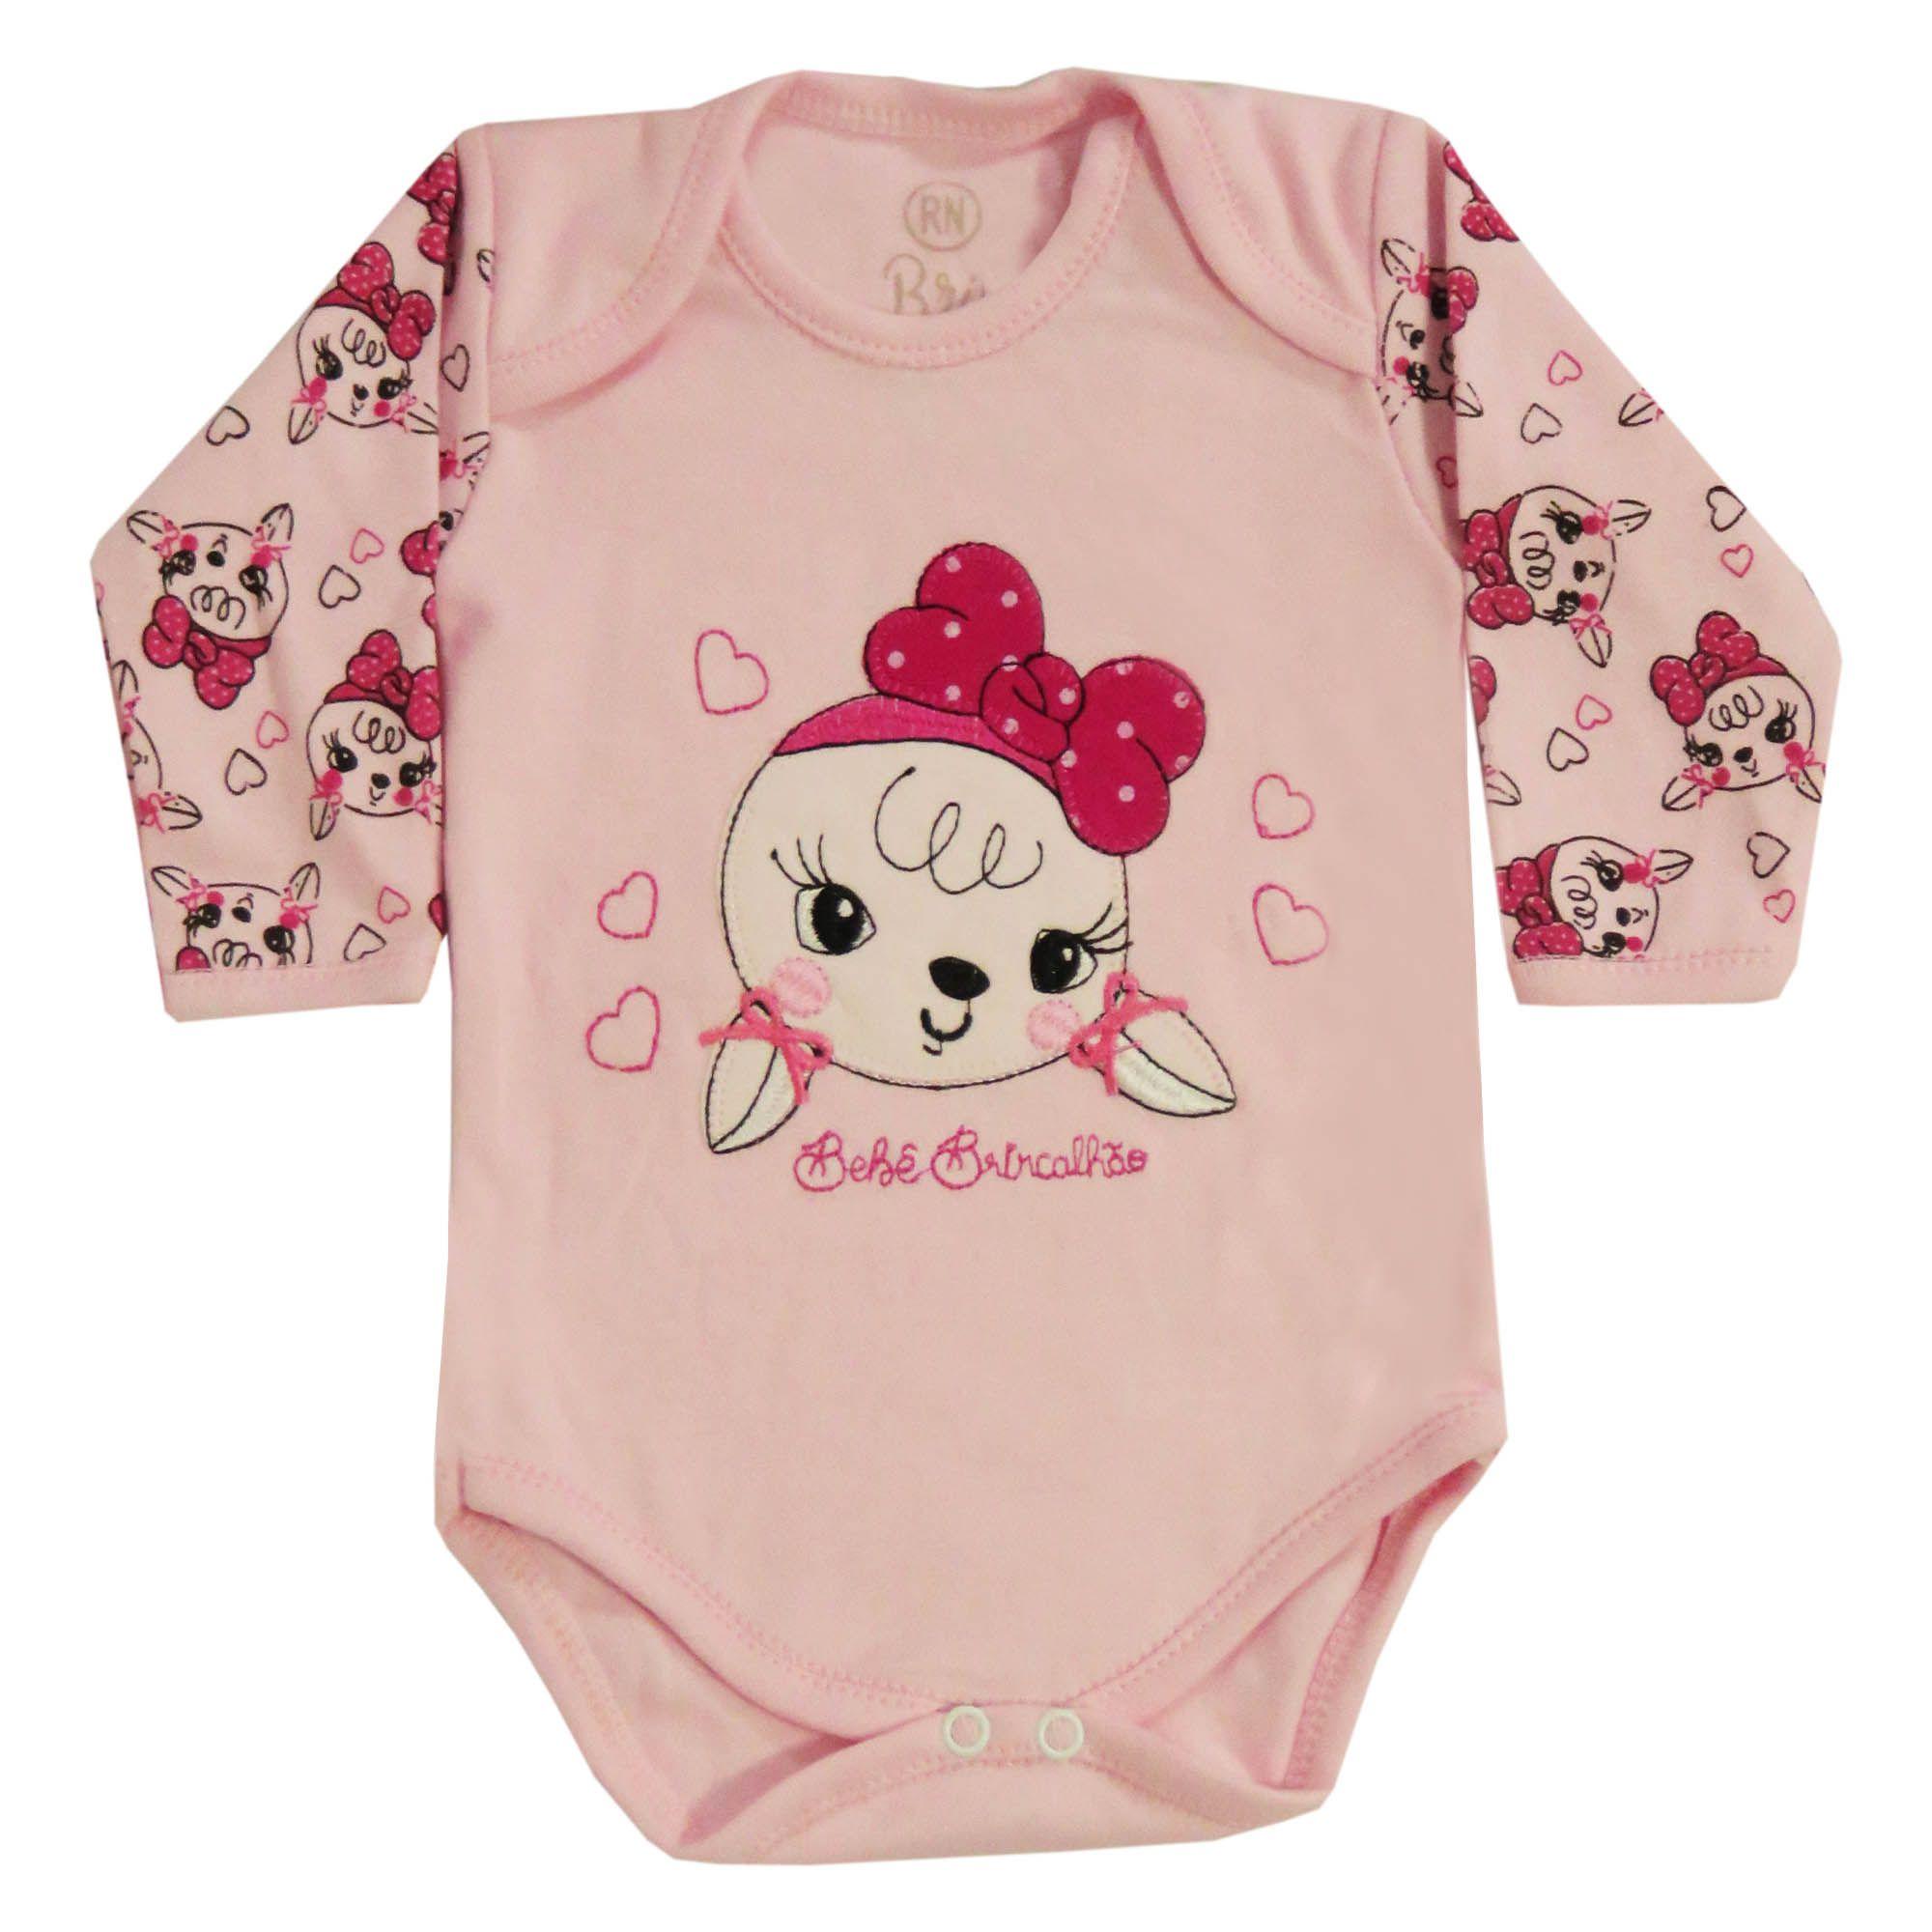 Body Manga Longa Bebê Brincalhão Bordado Coelha - RN ao G